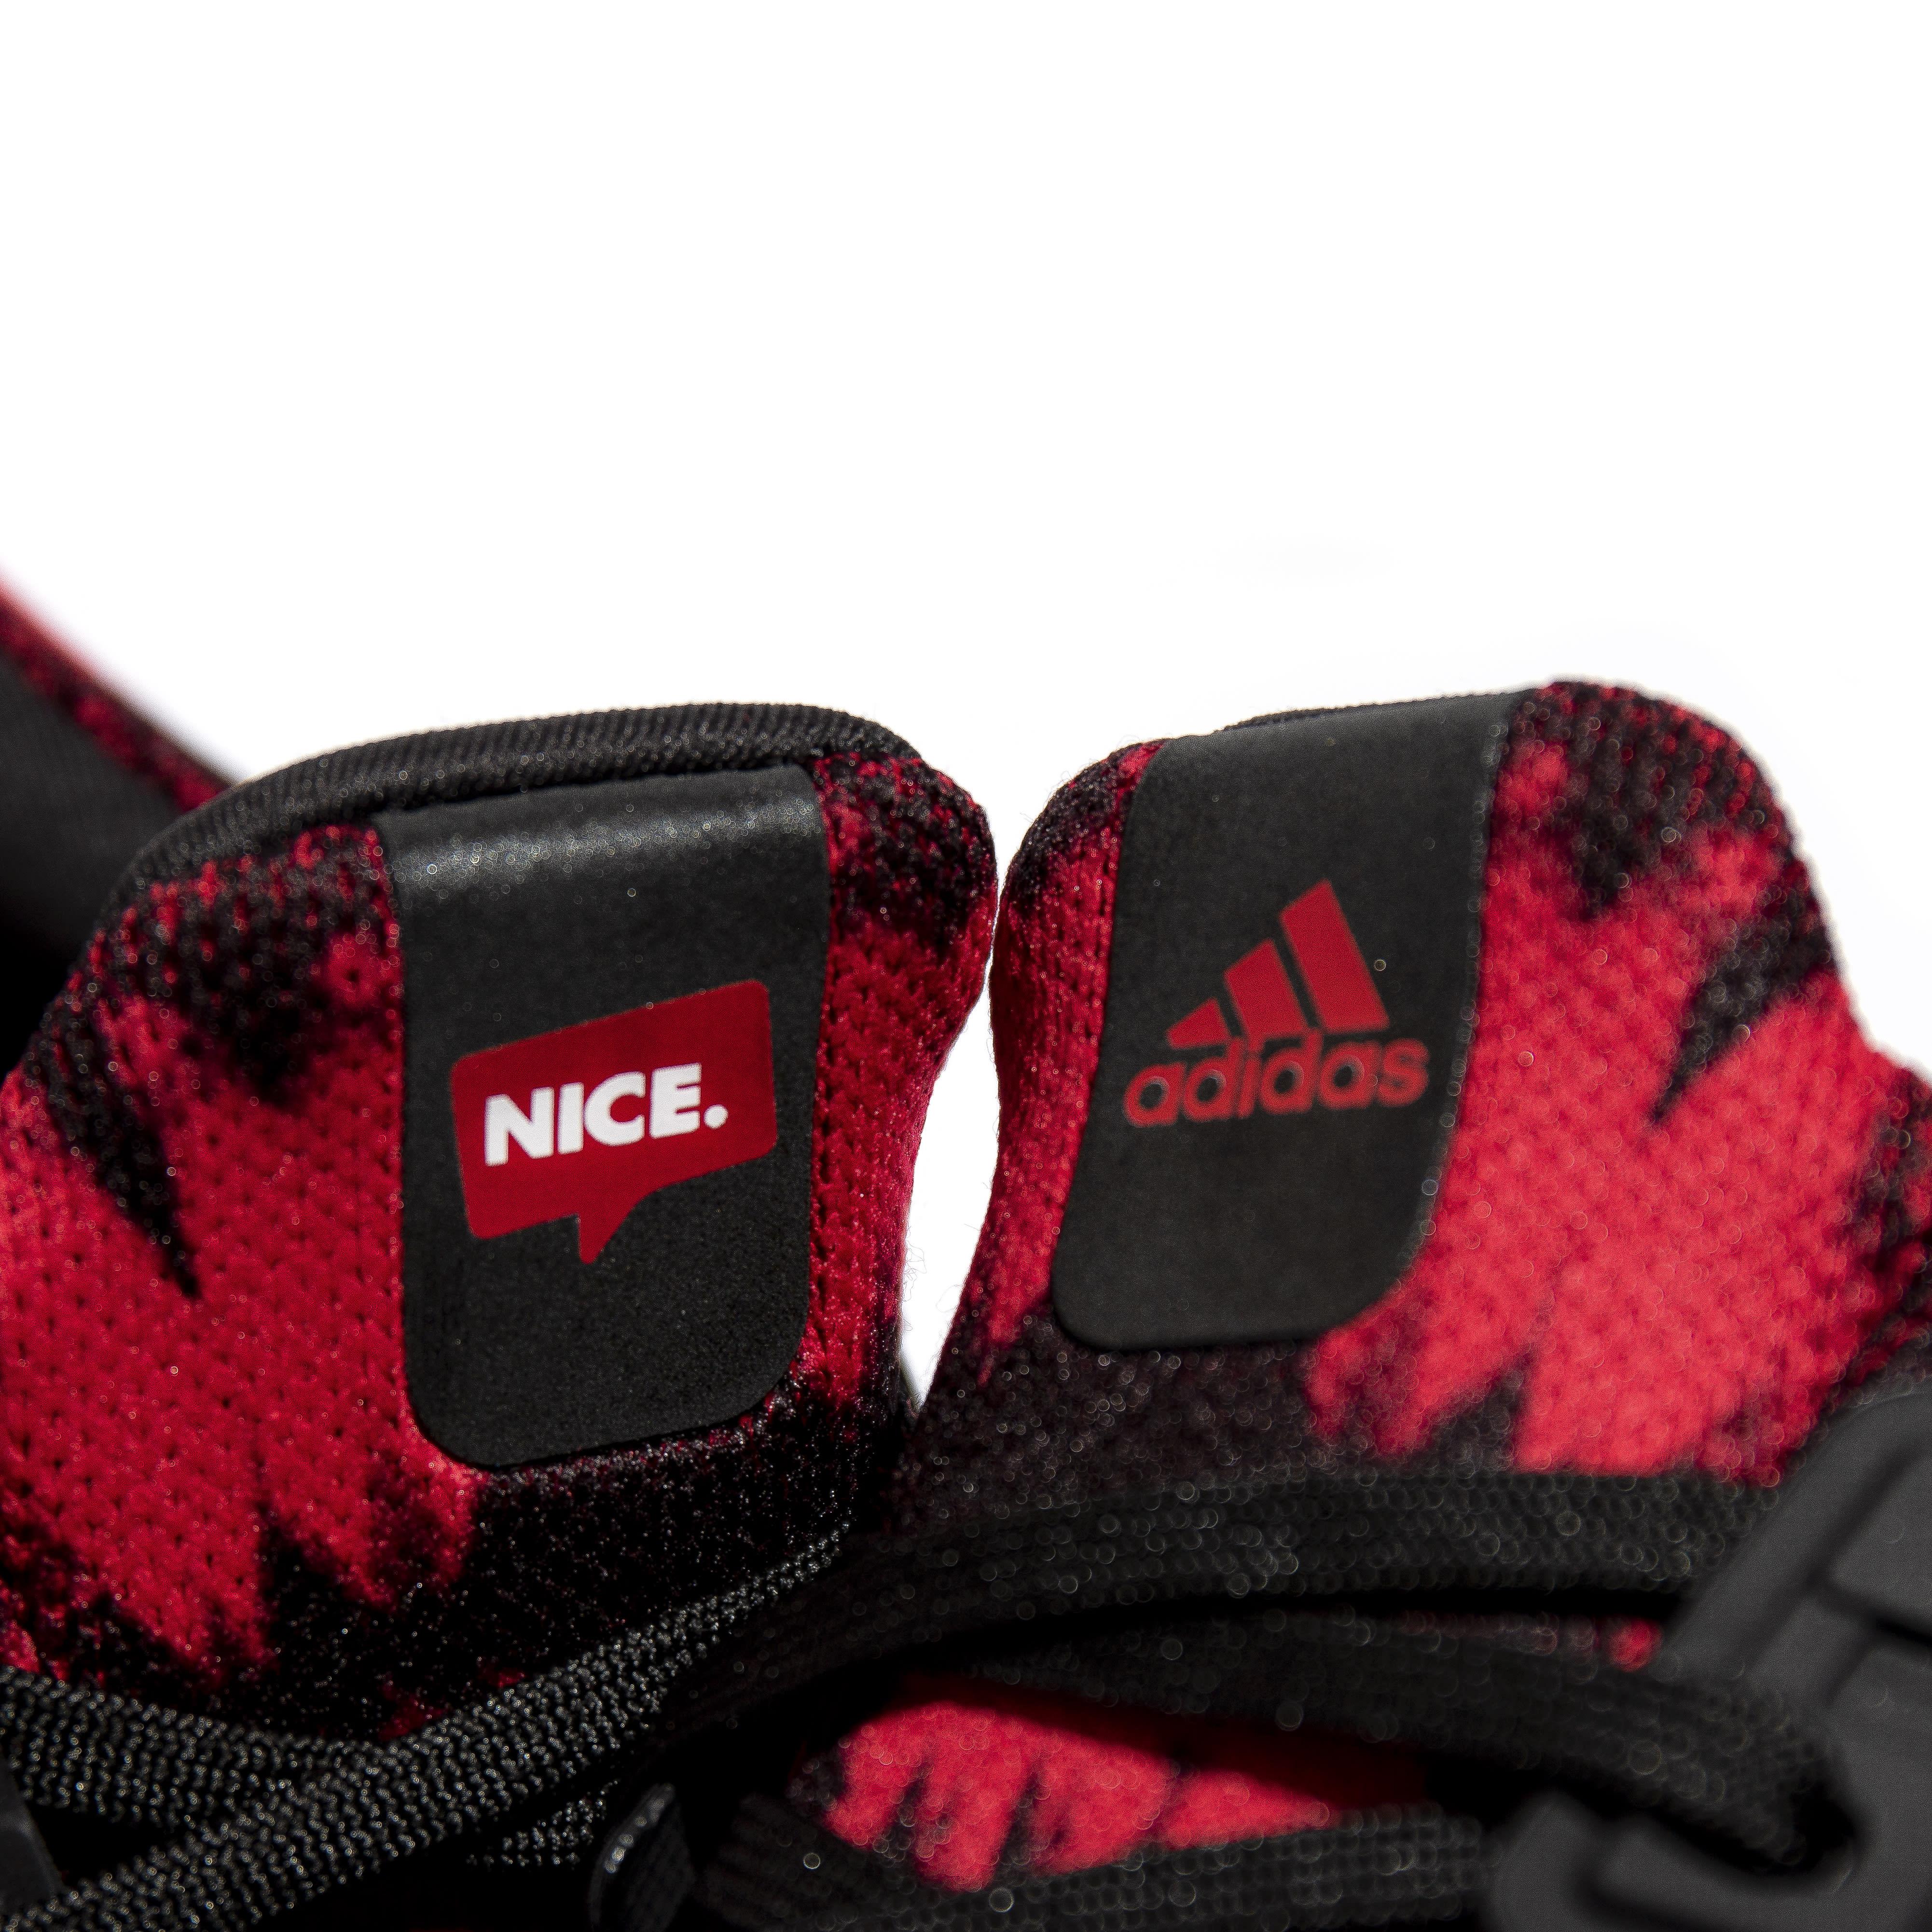 Nice Kicks x Adidas Ultra Boost 'No Vacancy' Tongue